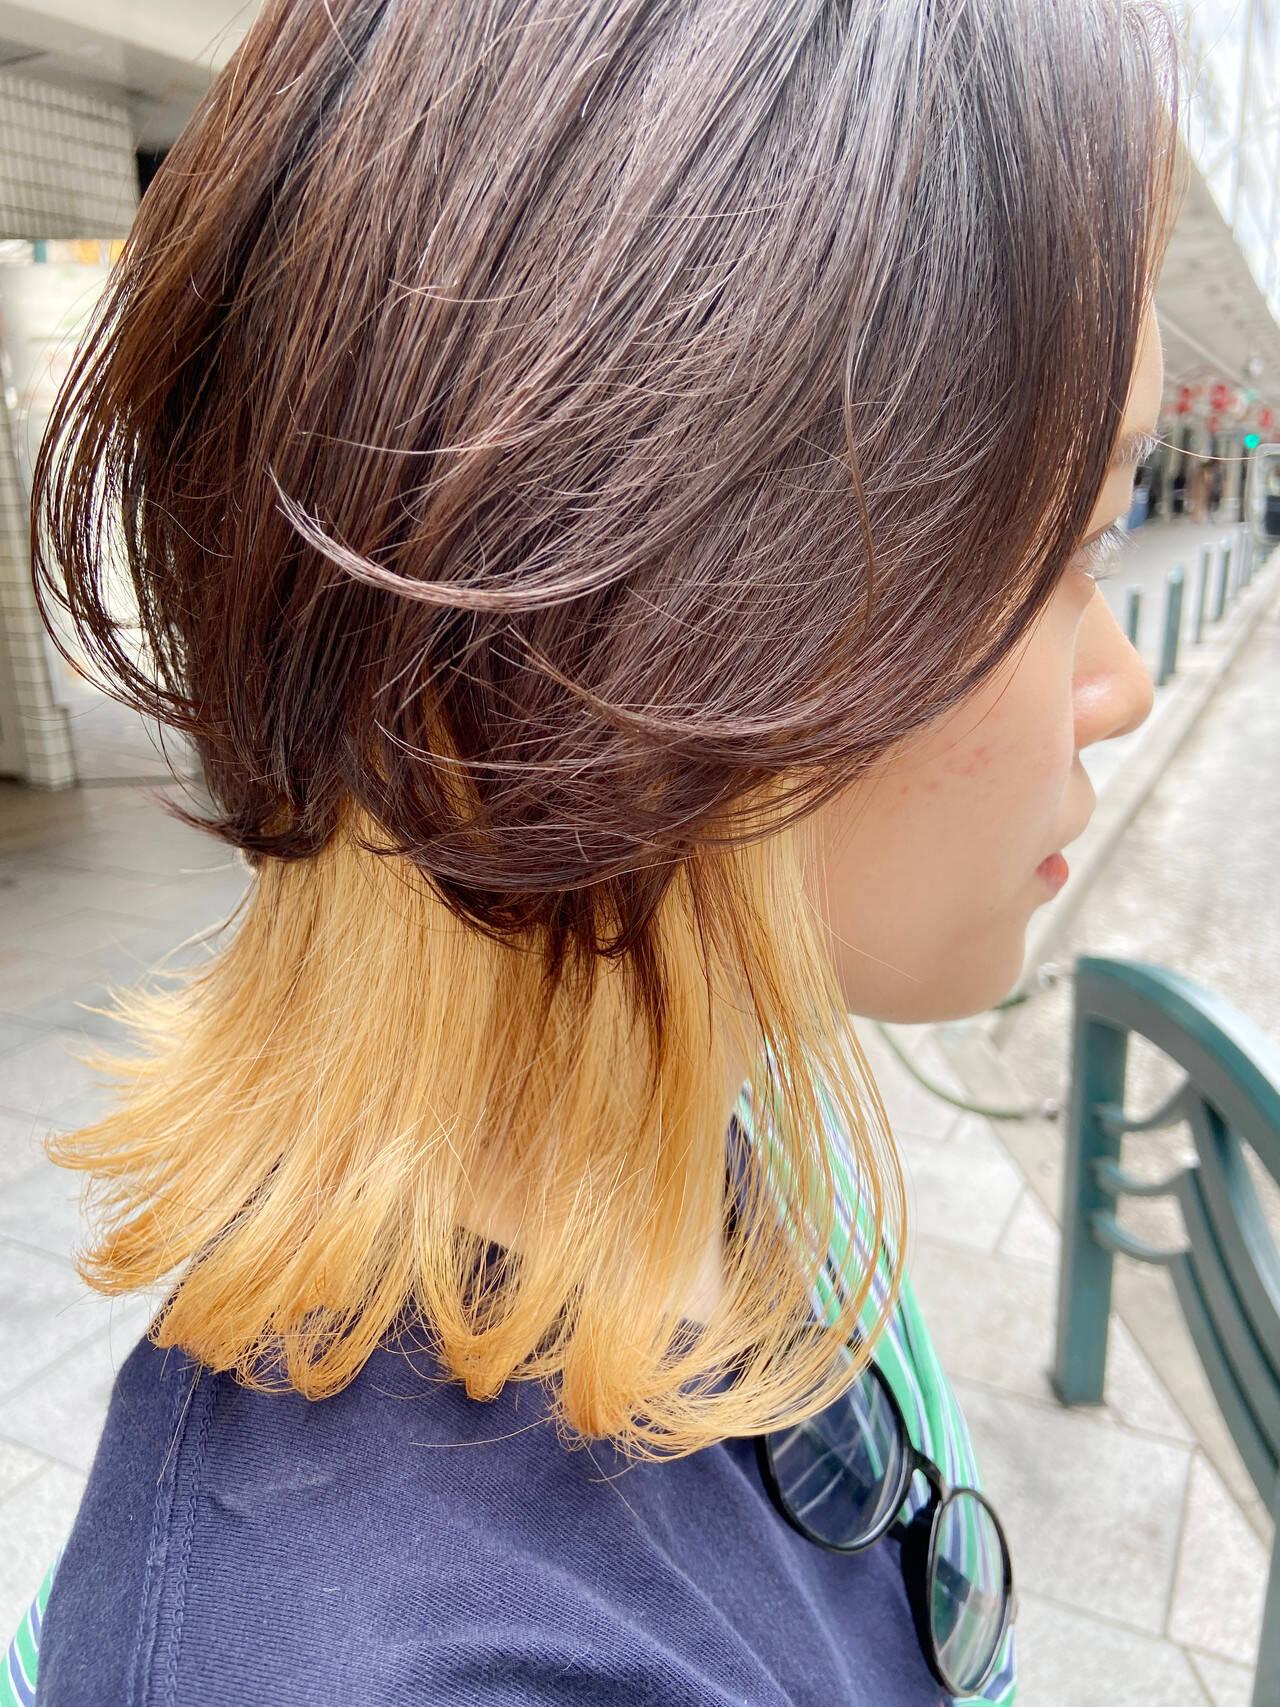 ナチュラルウルフ ブリーチ ホワイトブリーチ モードヘアスタイルや髪型の写真・画像